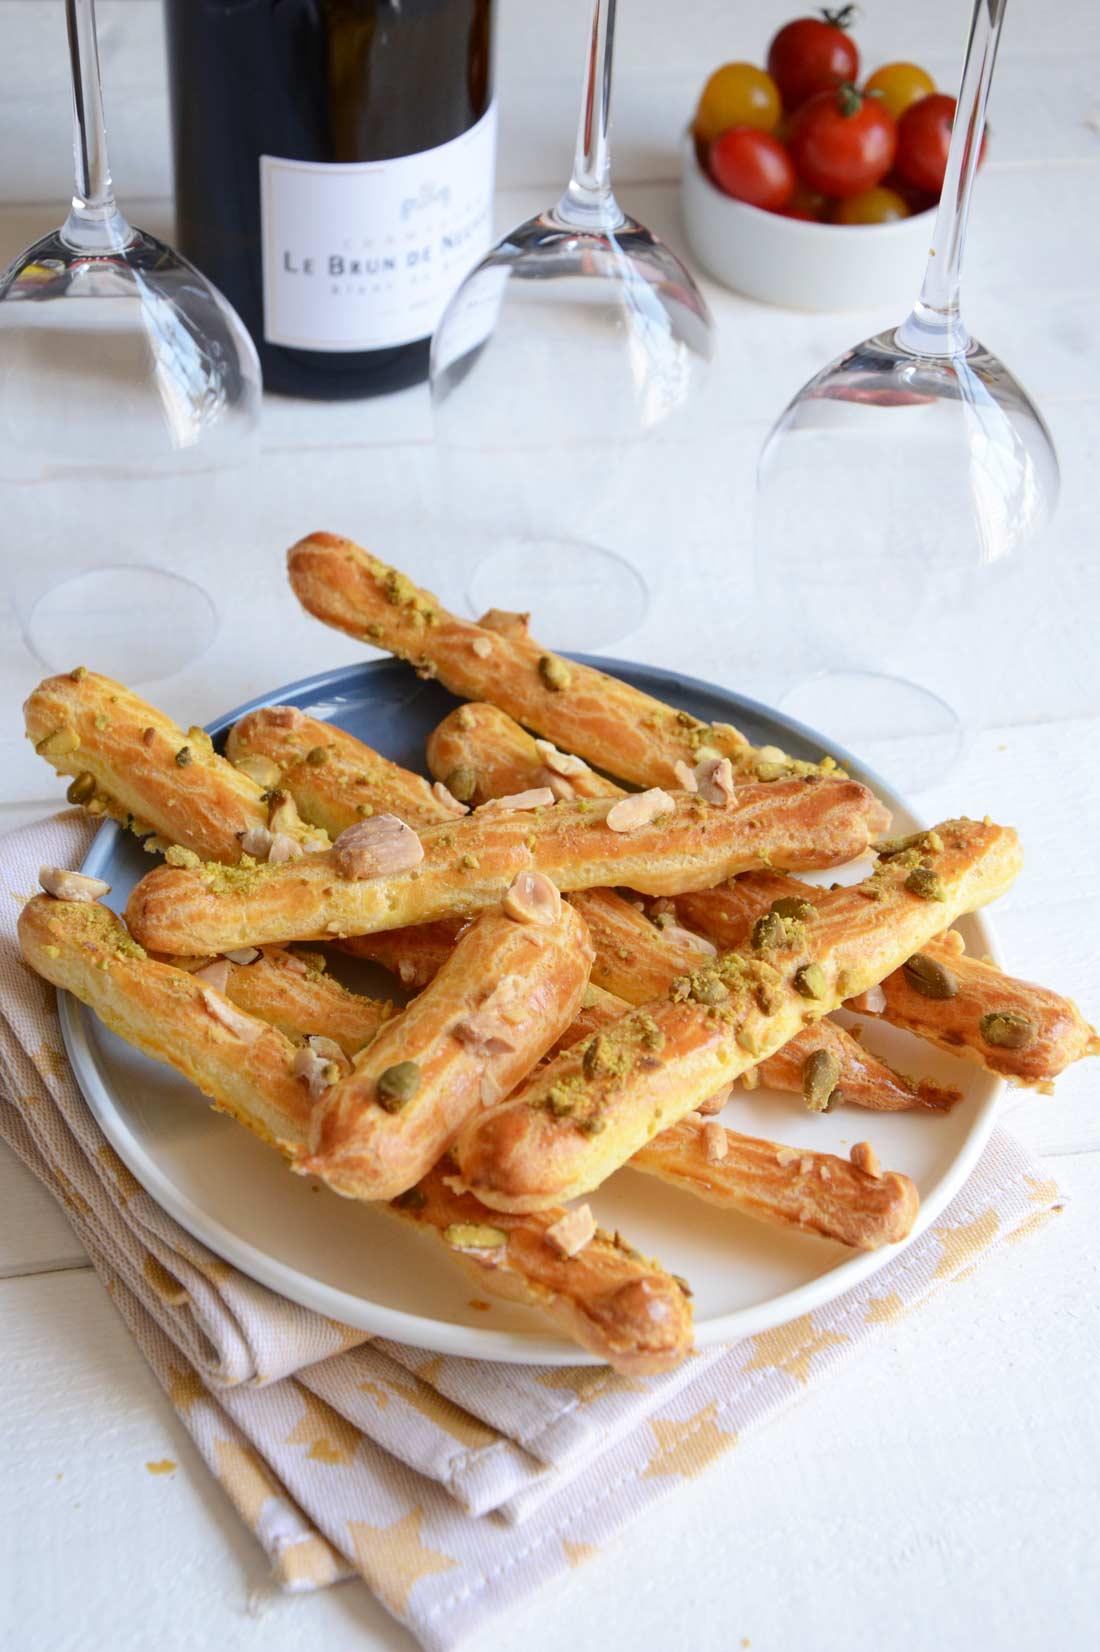 Gressins de pâte à choux aux fruits secs fait maison